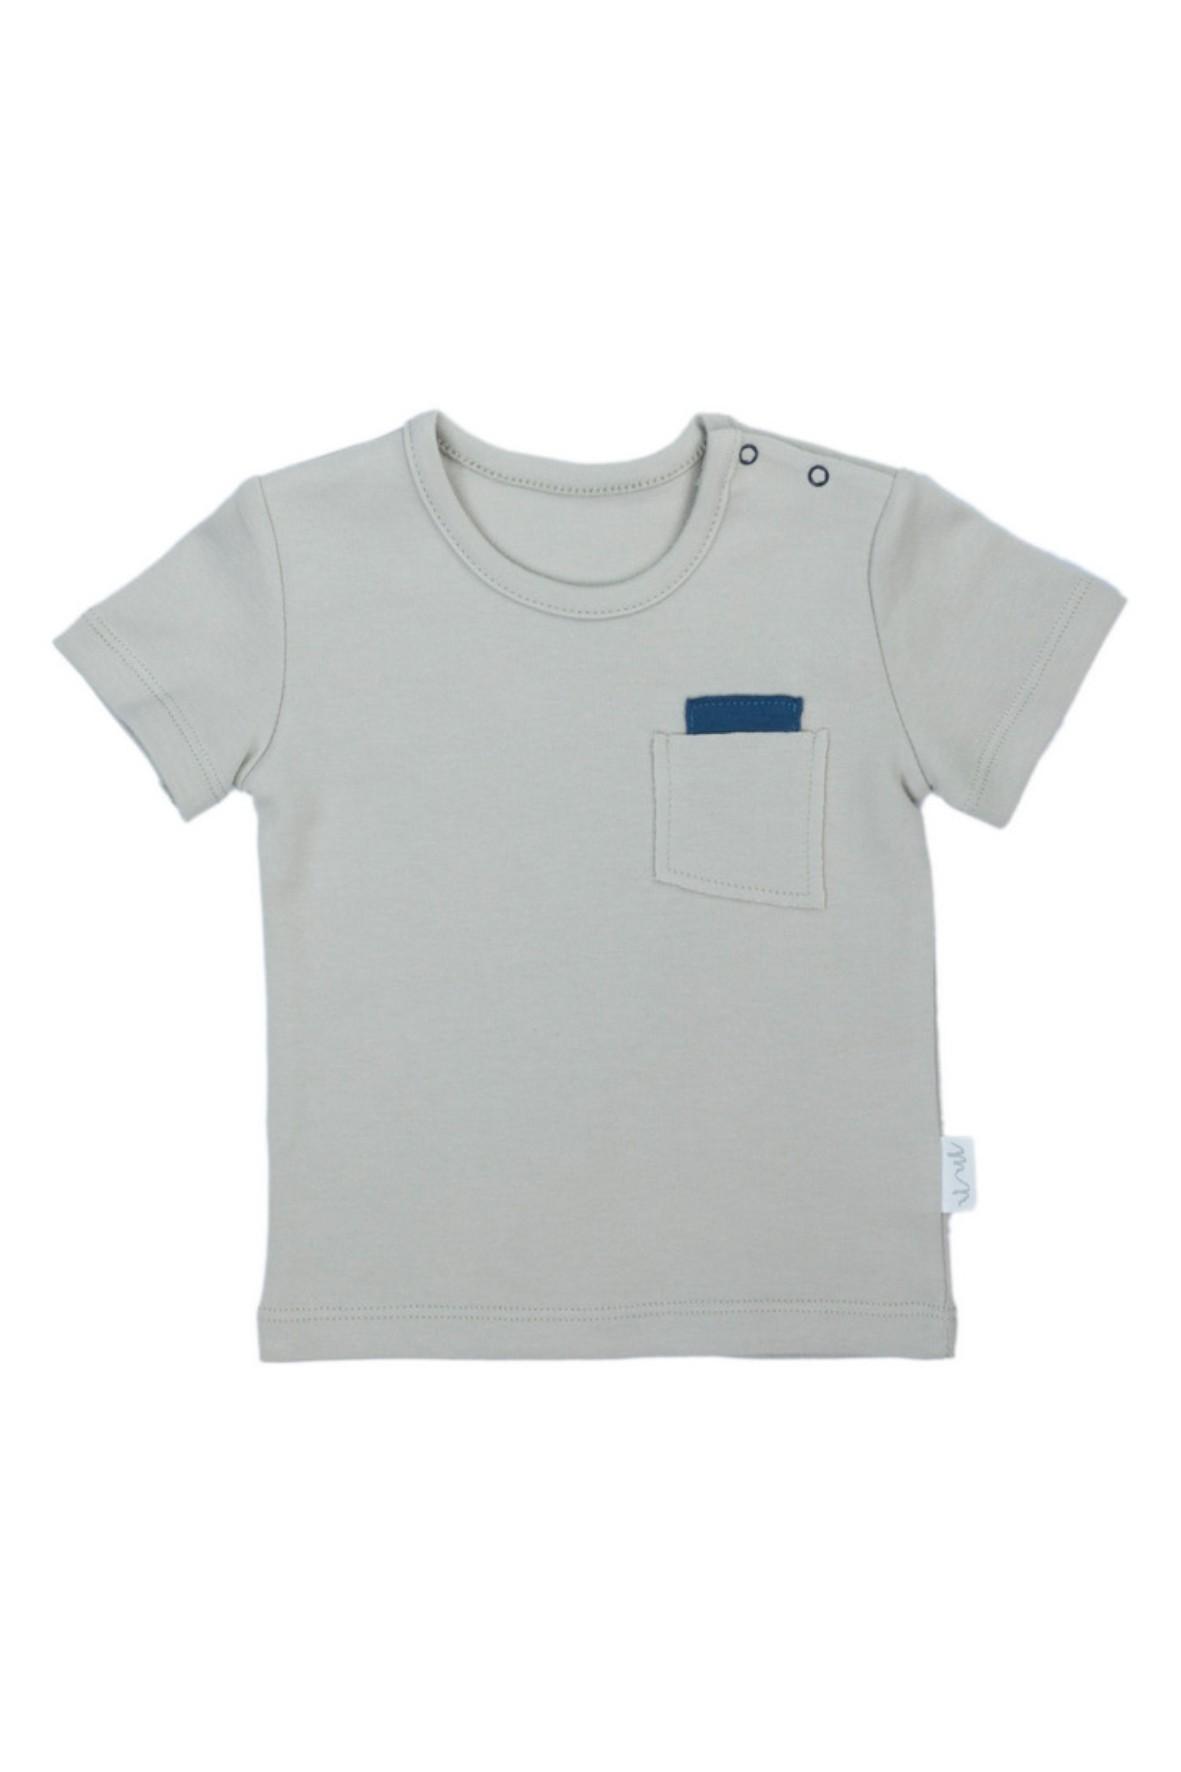 Koszulka chłopięca z kieszonką